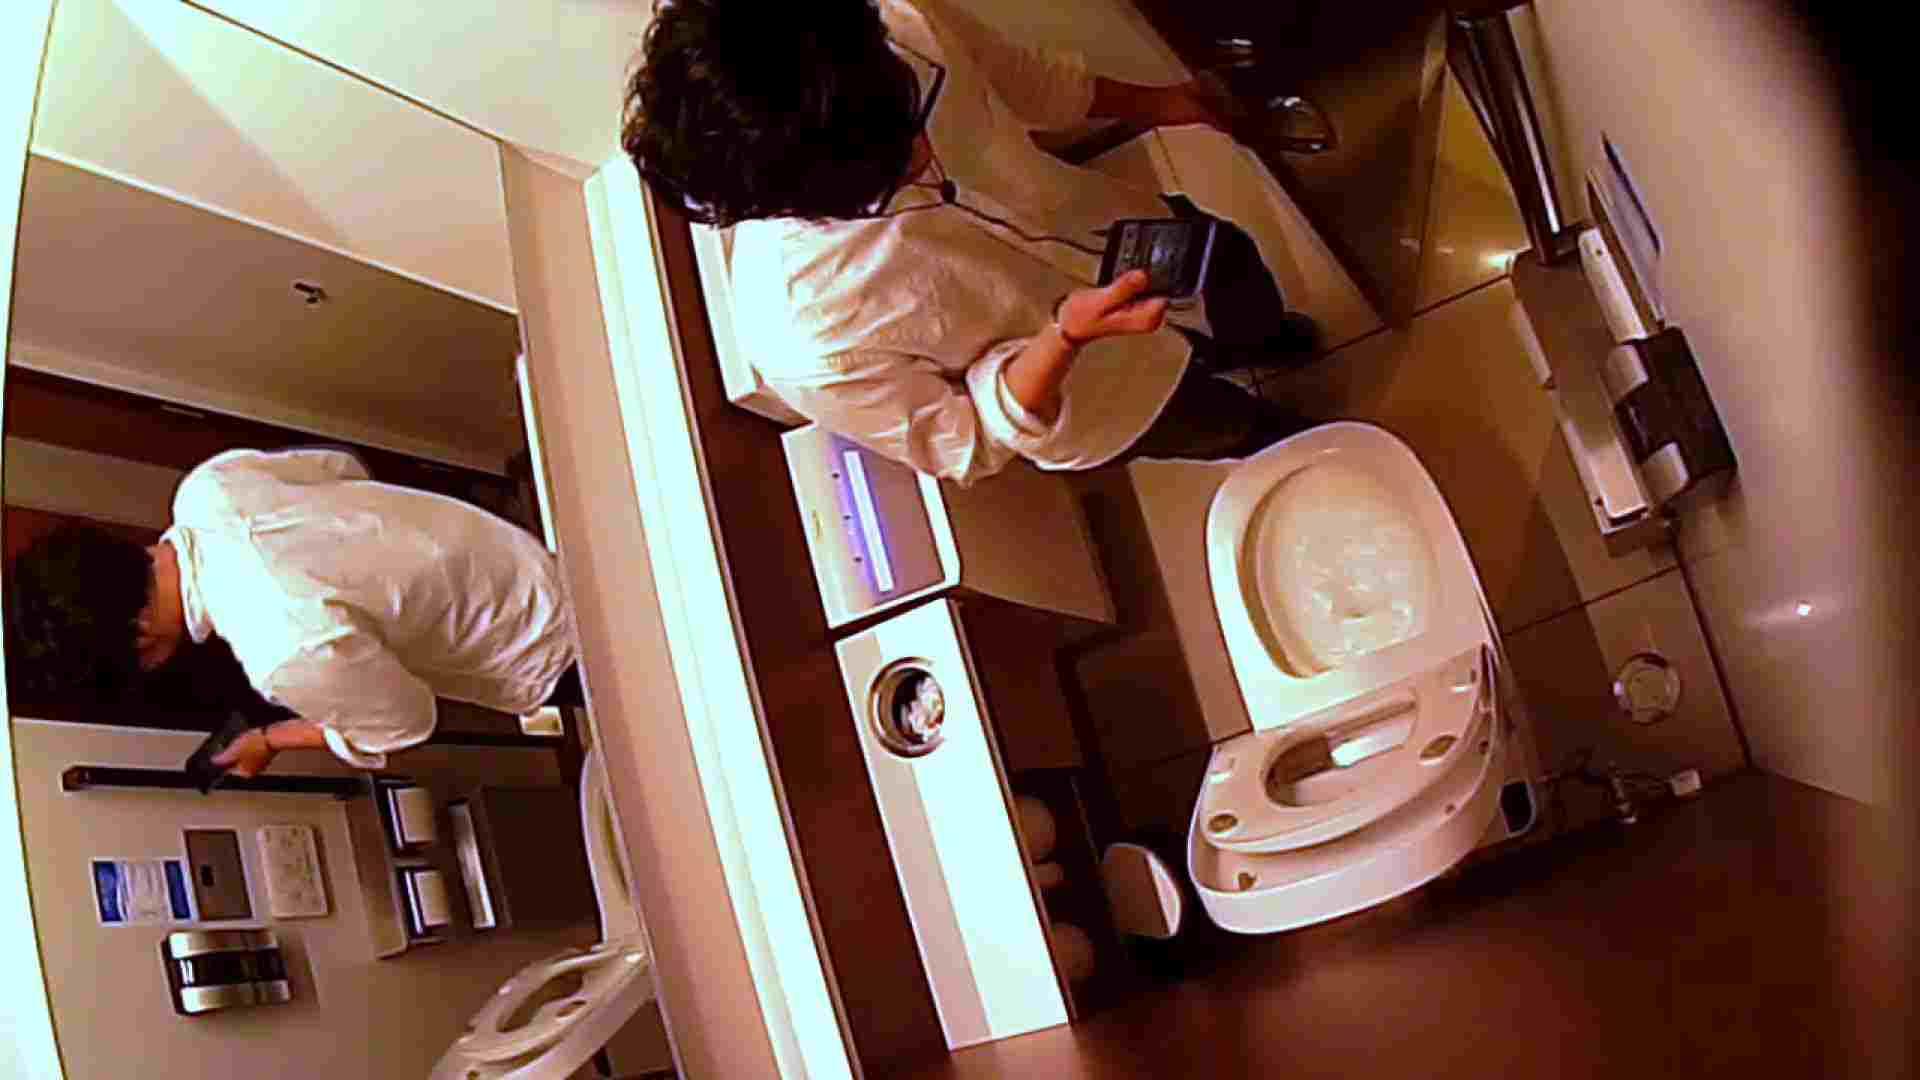 すみませんが覗かせてください Vol.32 トイレ | 0  102pic 26